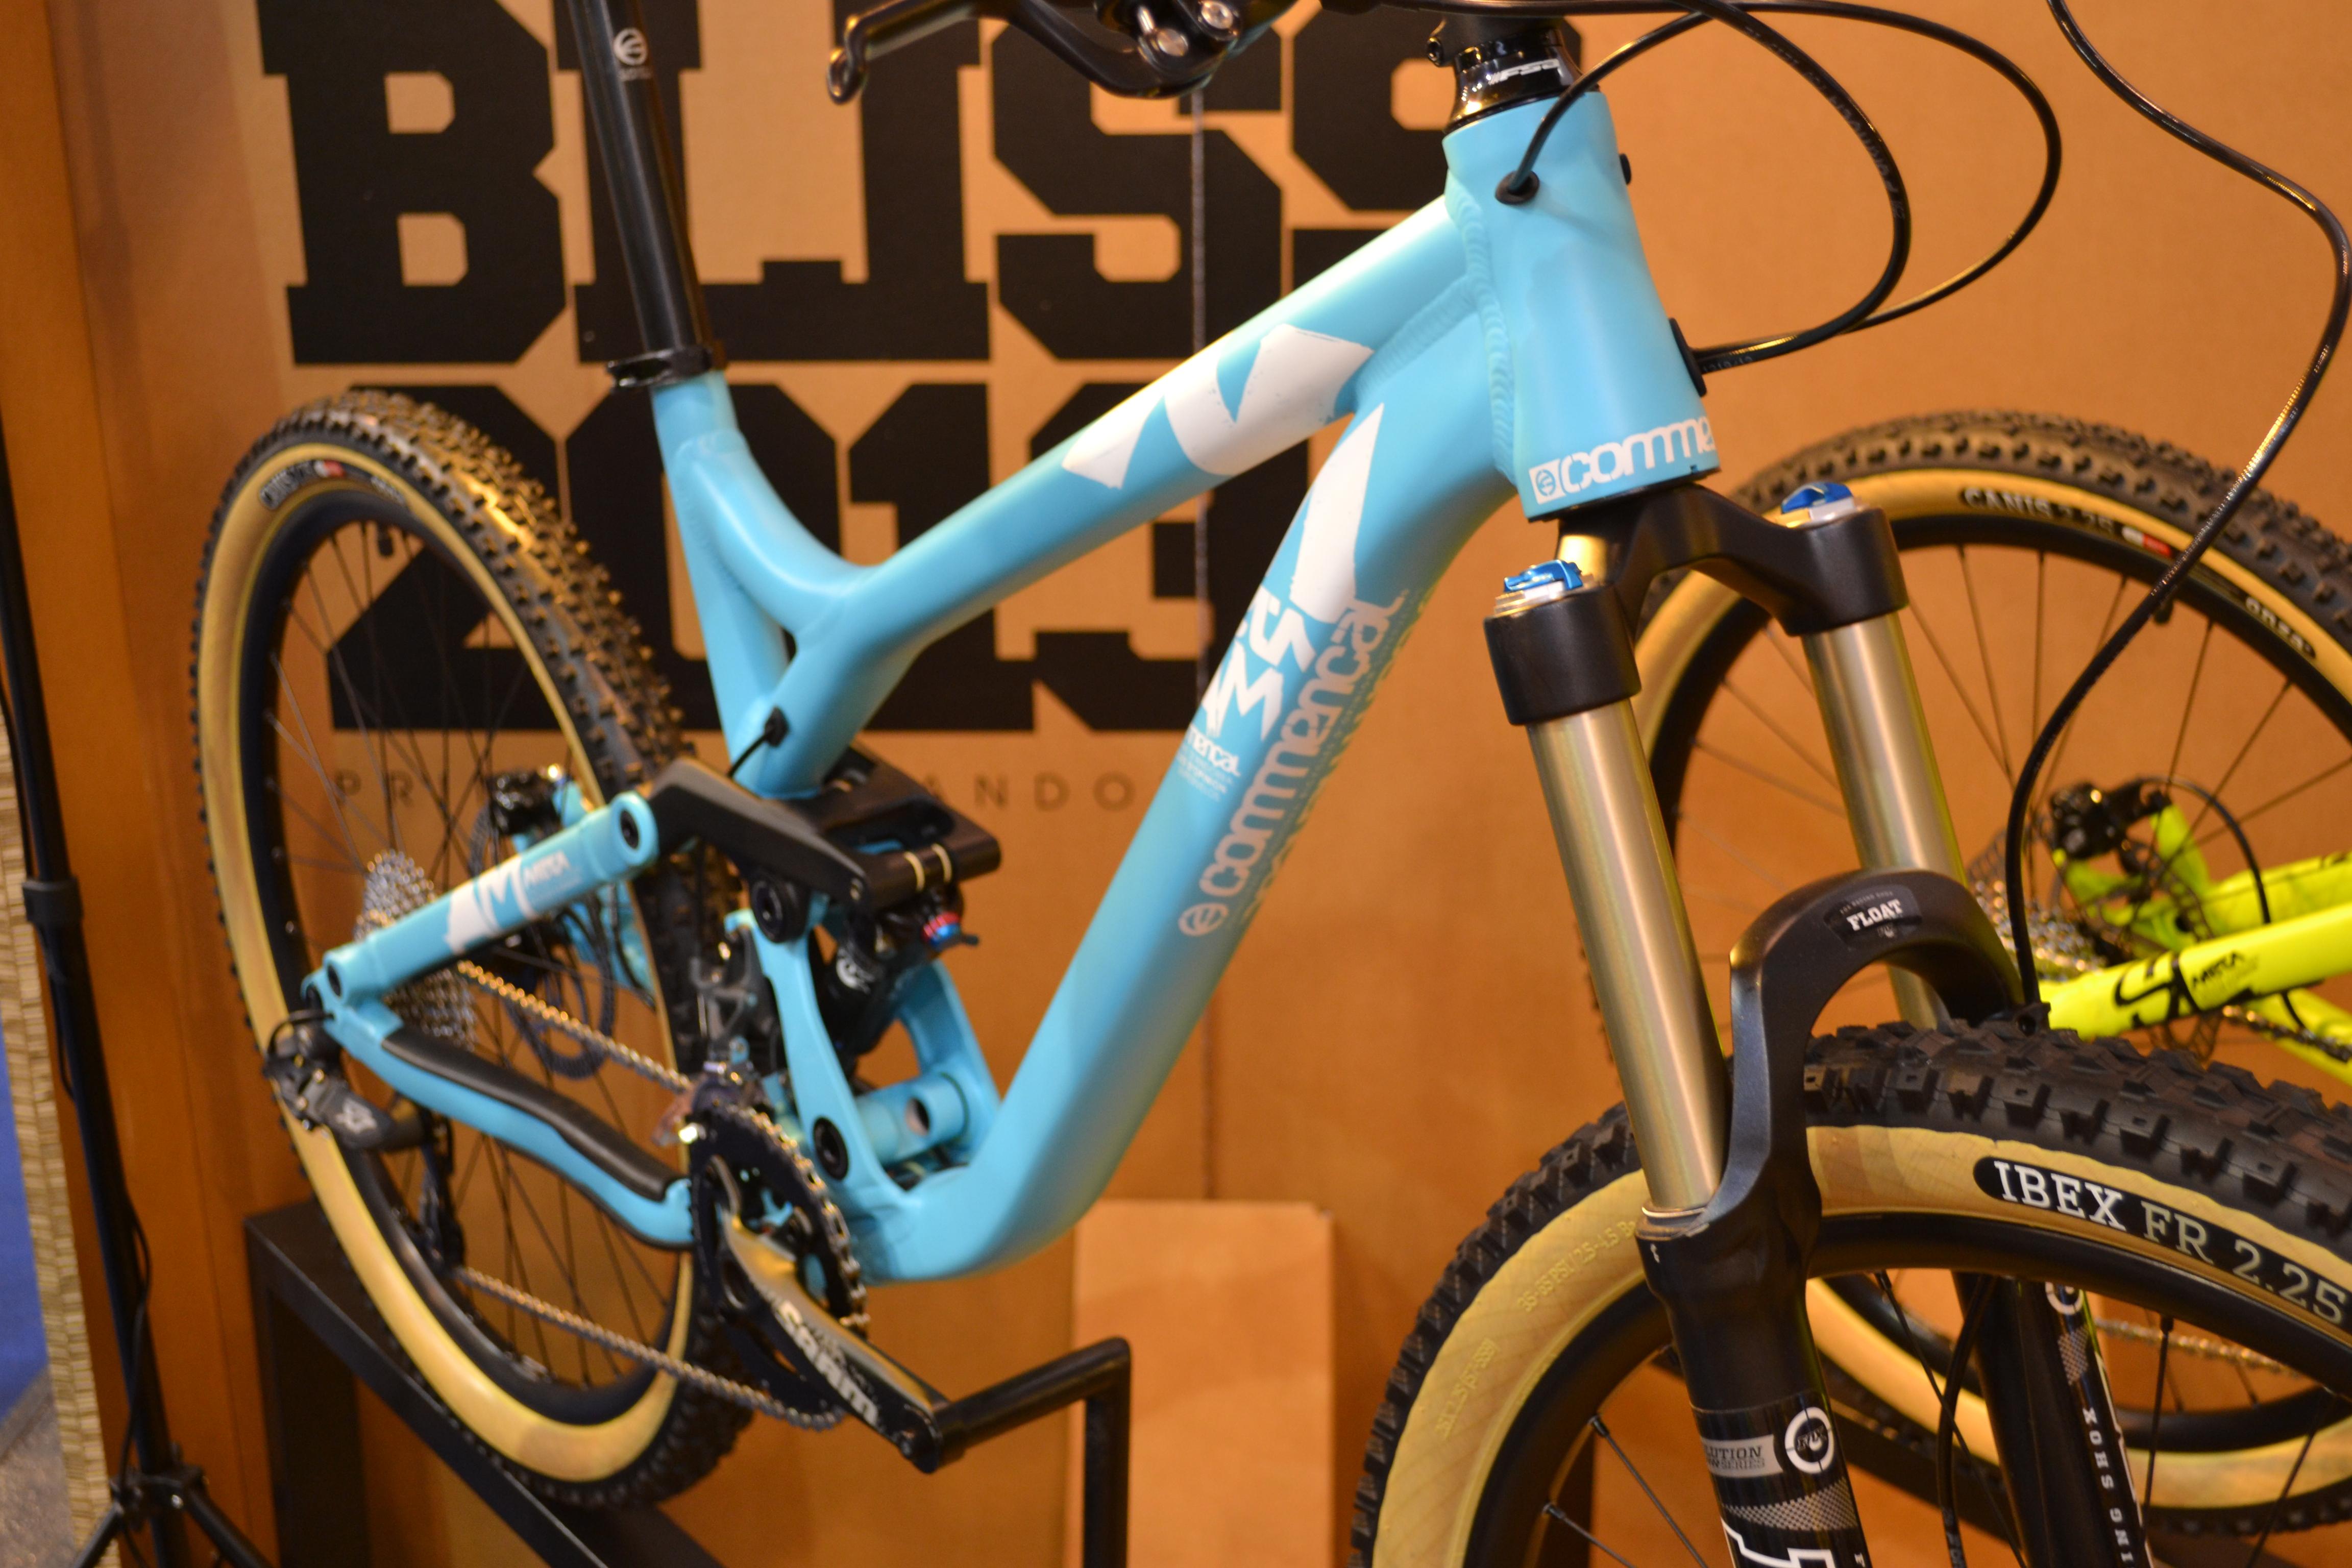 girlie_commencal_meta_am_euro_bike